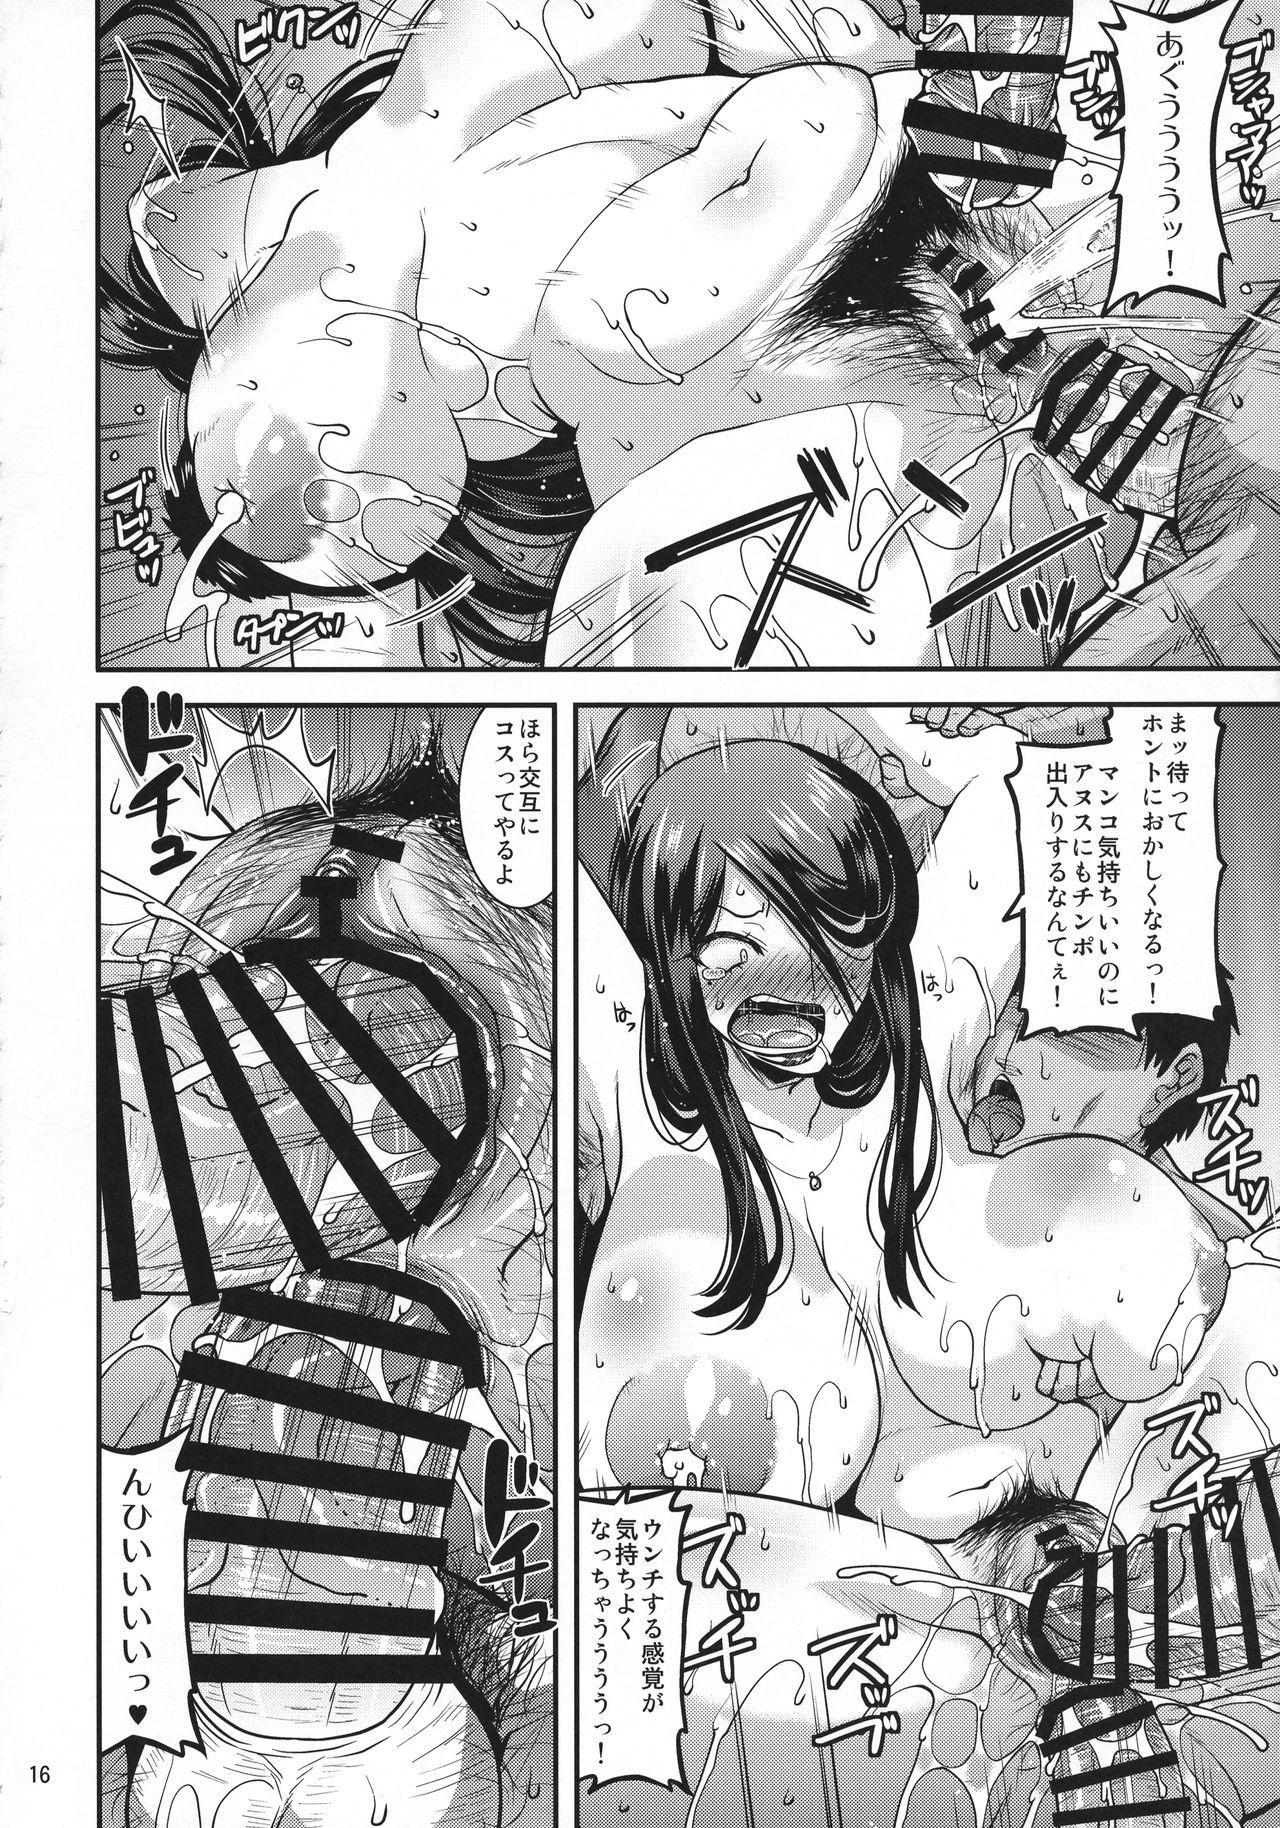 Ero Douga Haishin ga Shumi no Okusan no Namahame Rankou Koukai Mazo Benki 15